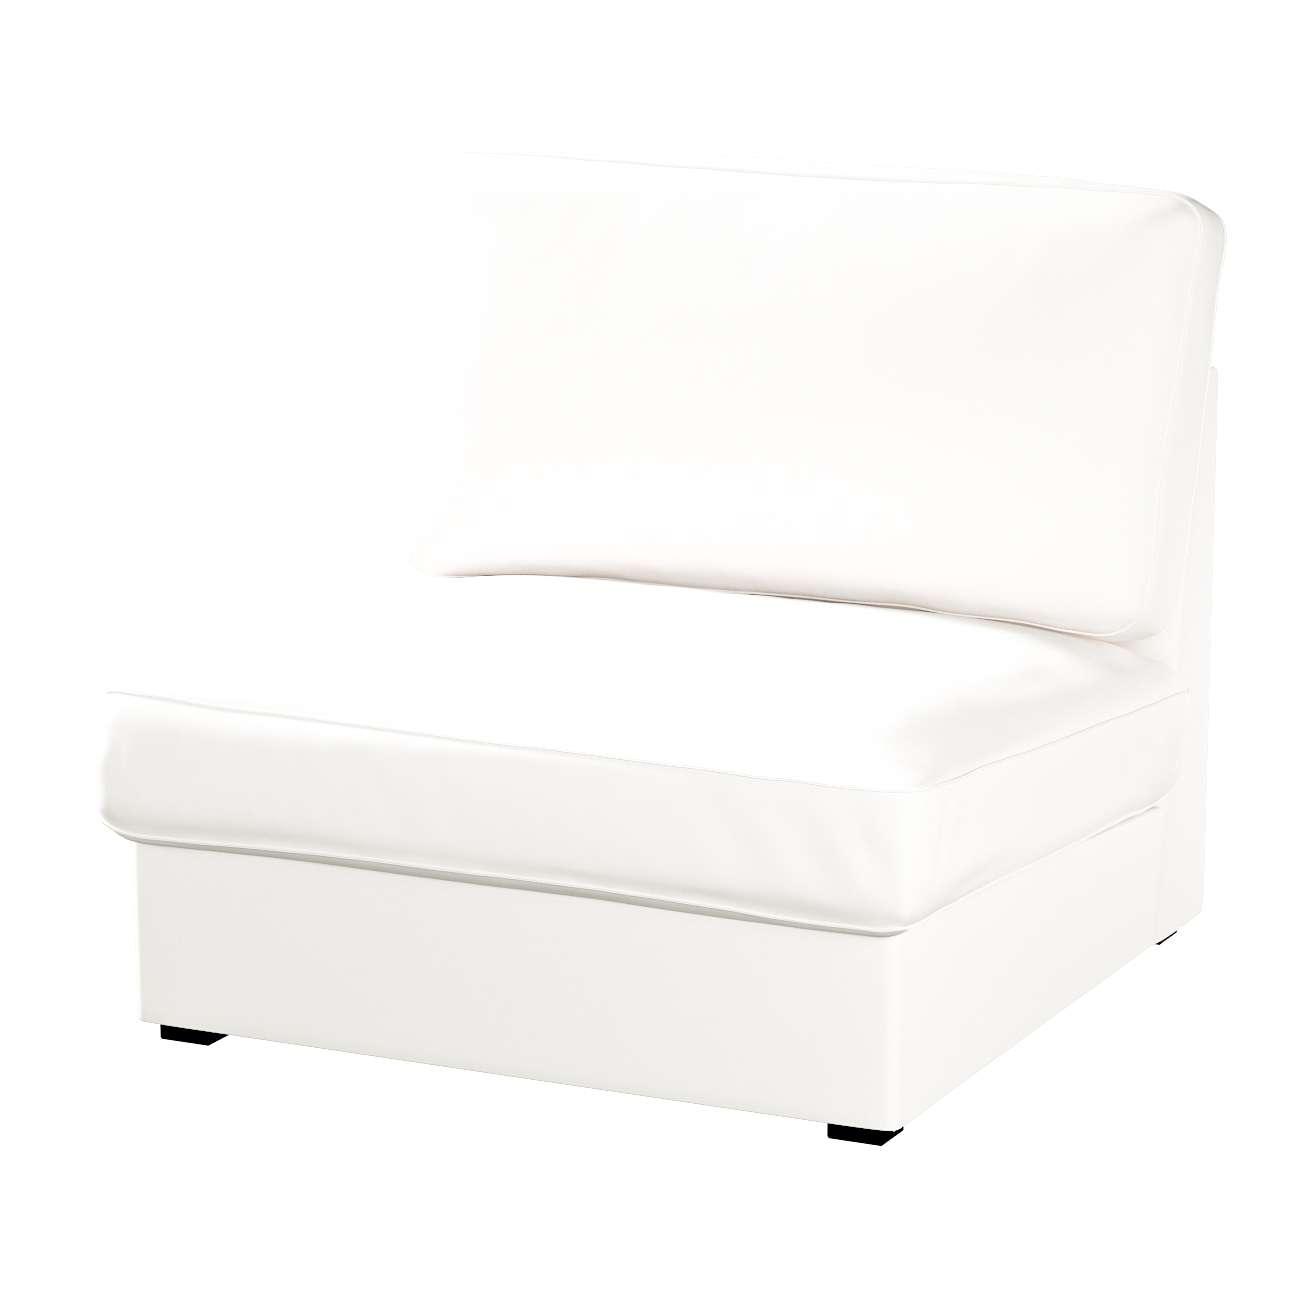 KIVIK fotelio/vienvietės dalies užvalkalas Kivik armchair kolekcijoje Cotton Panama, audinys: 702-34